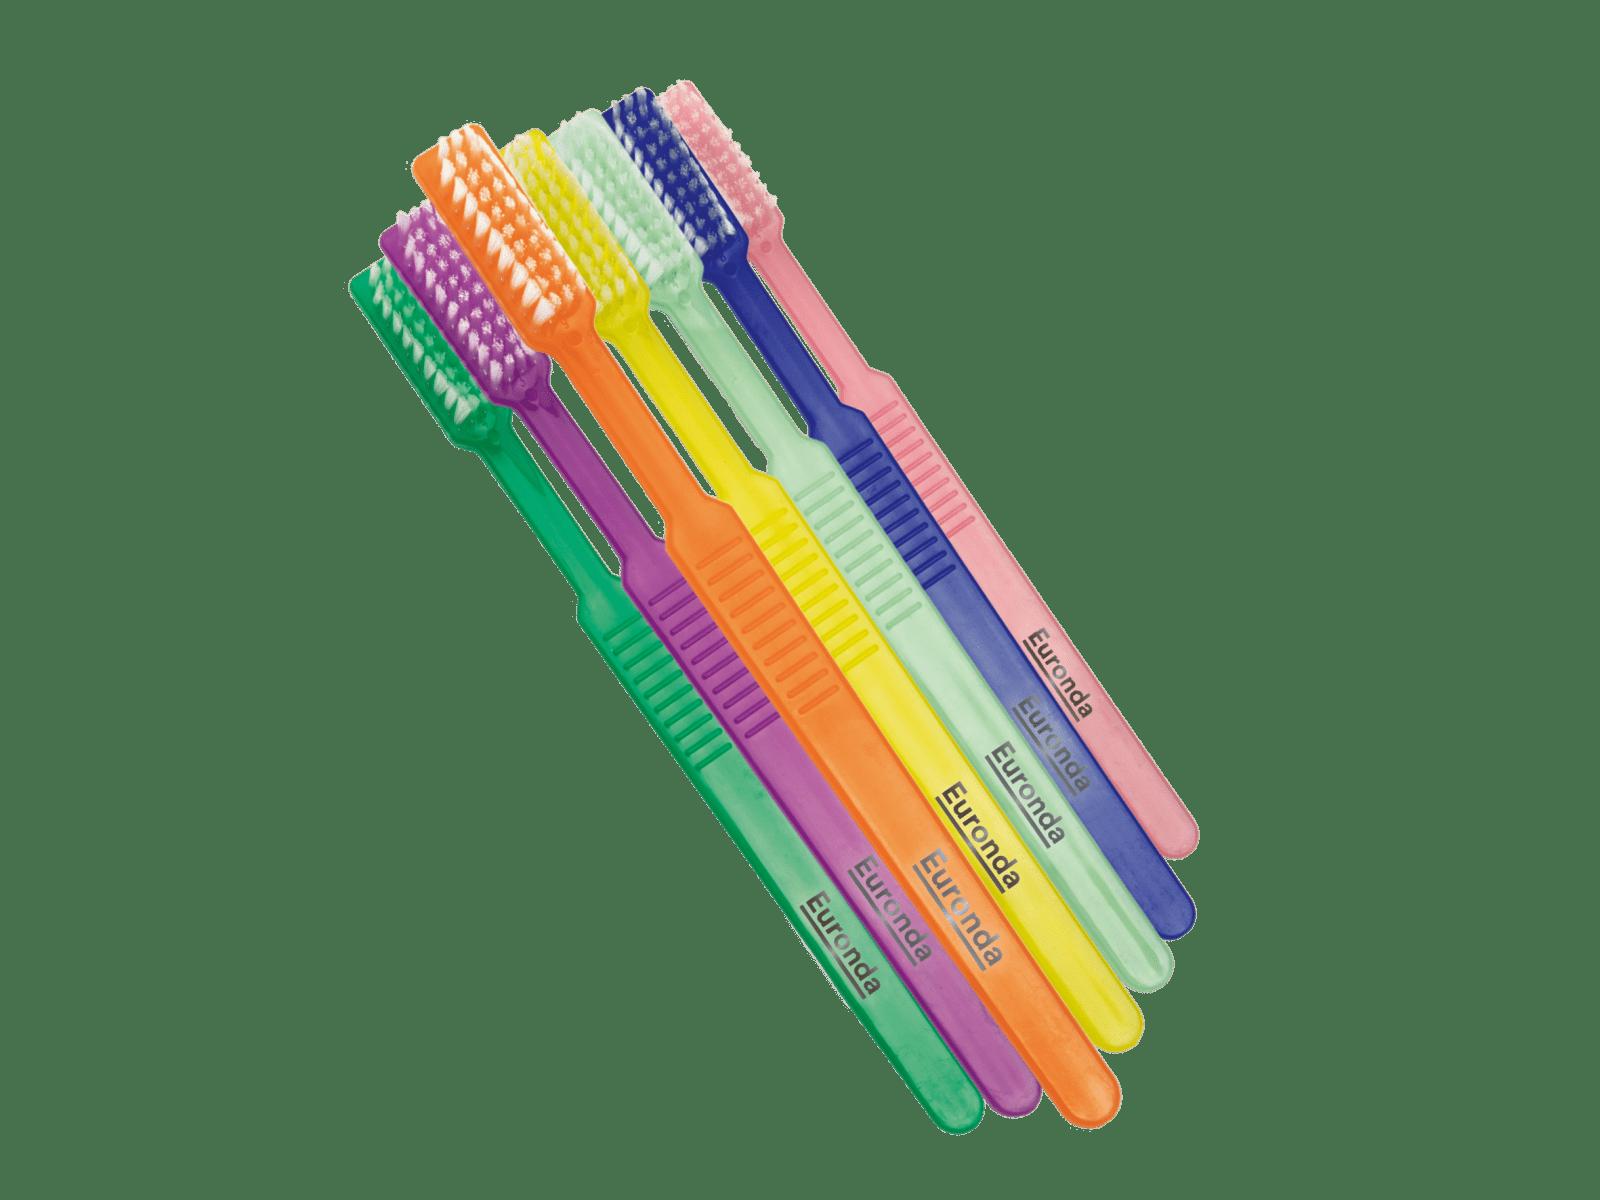 Euronda Einmalzahnbürsten mit Zahnpasta gebrauchsfertig